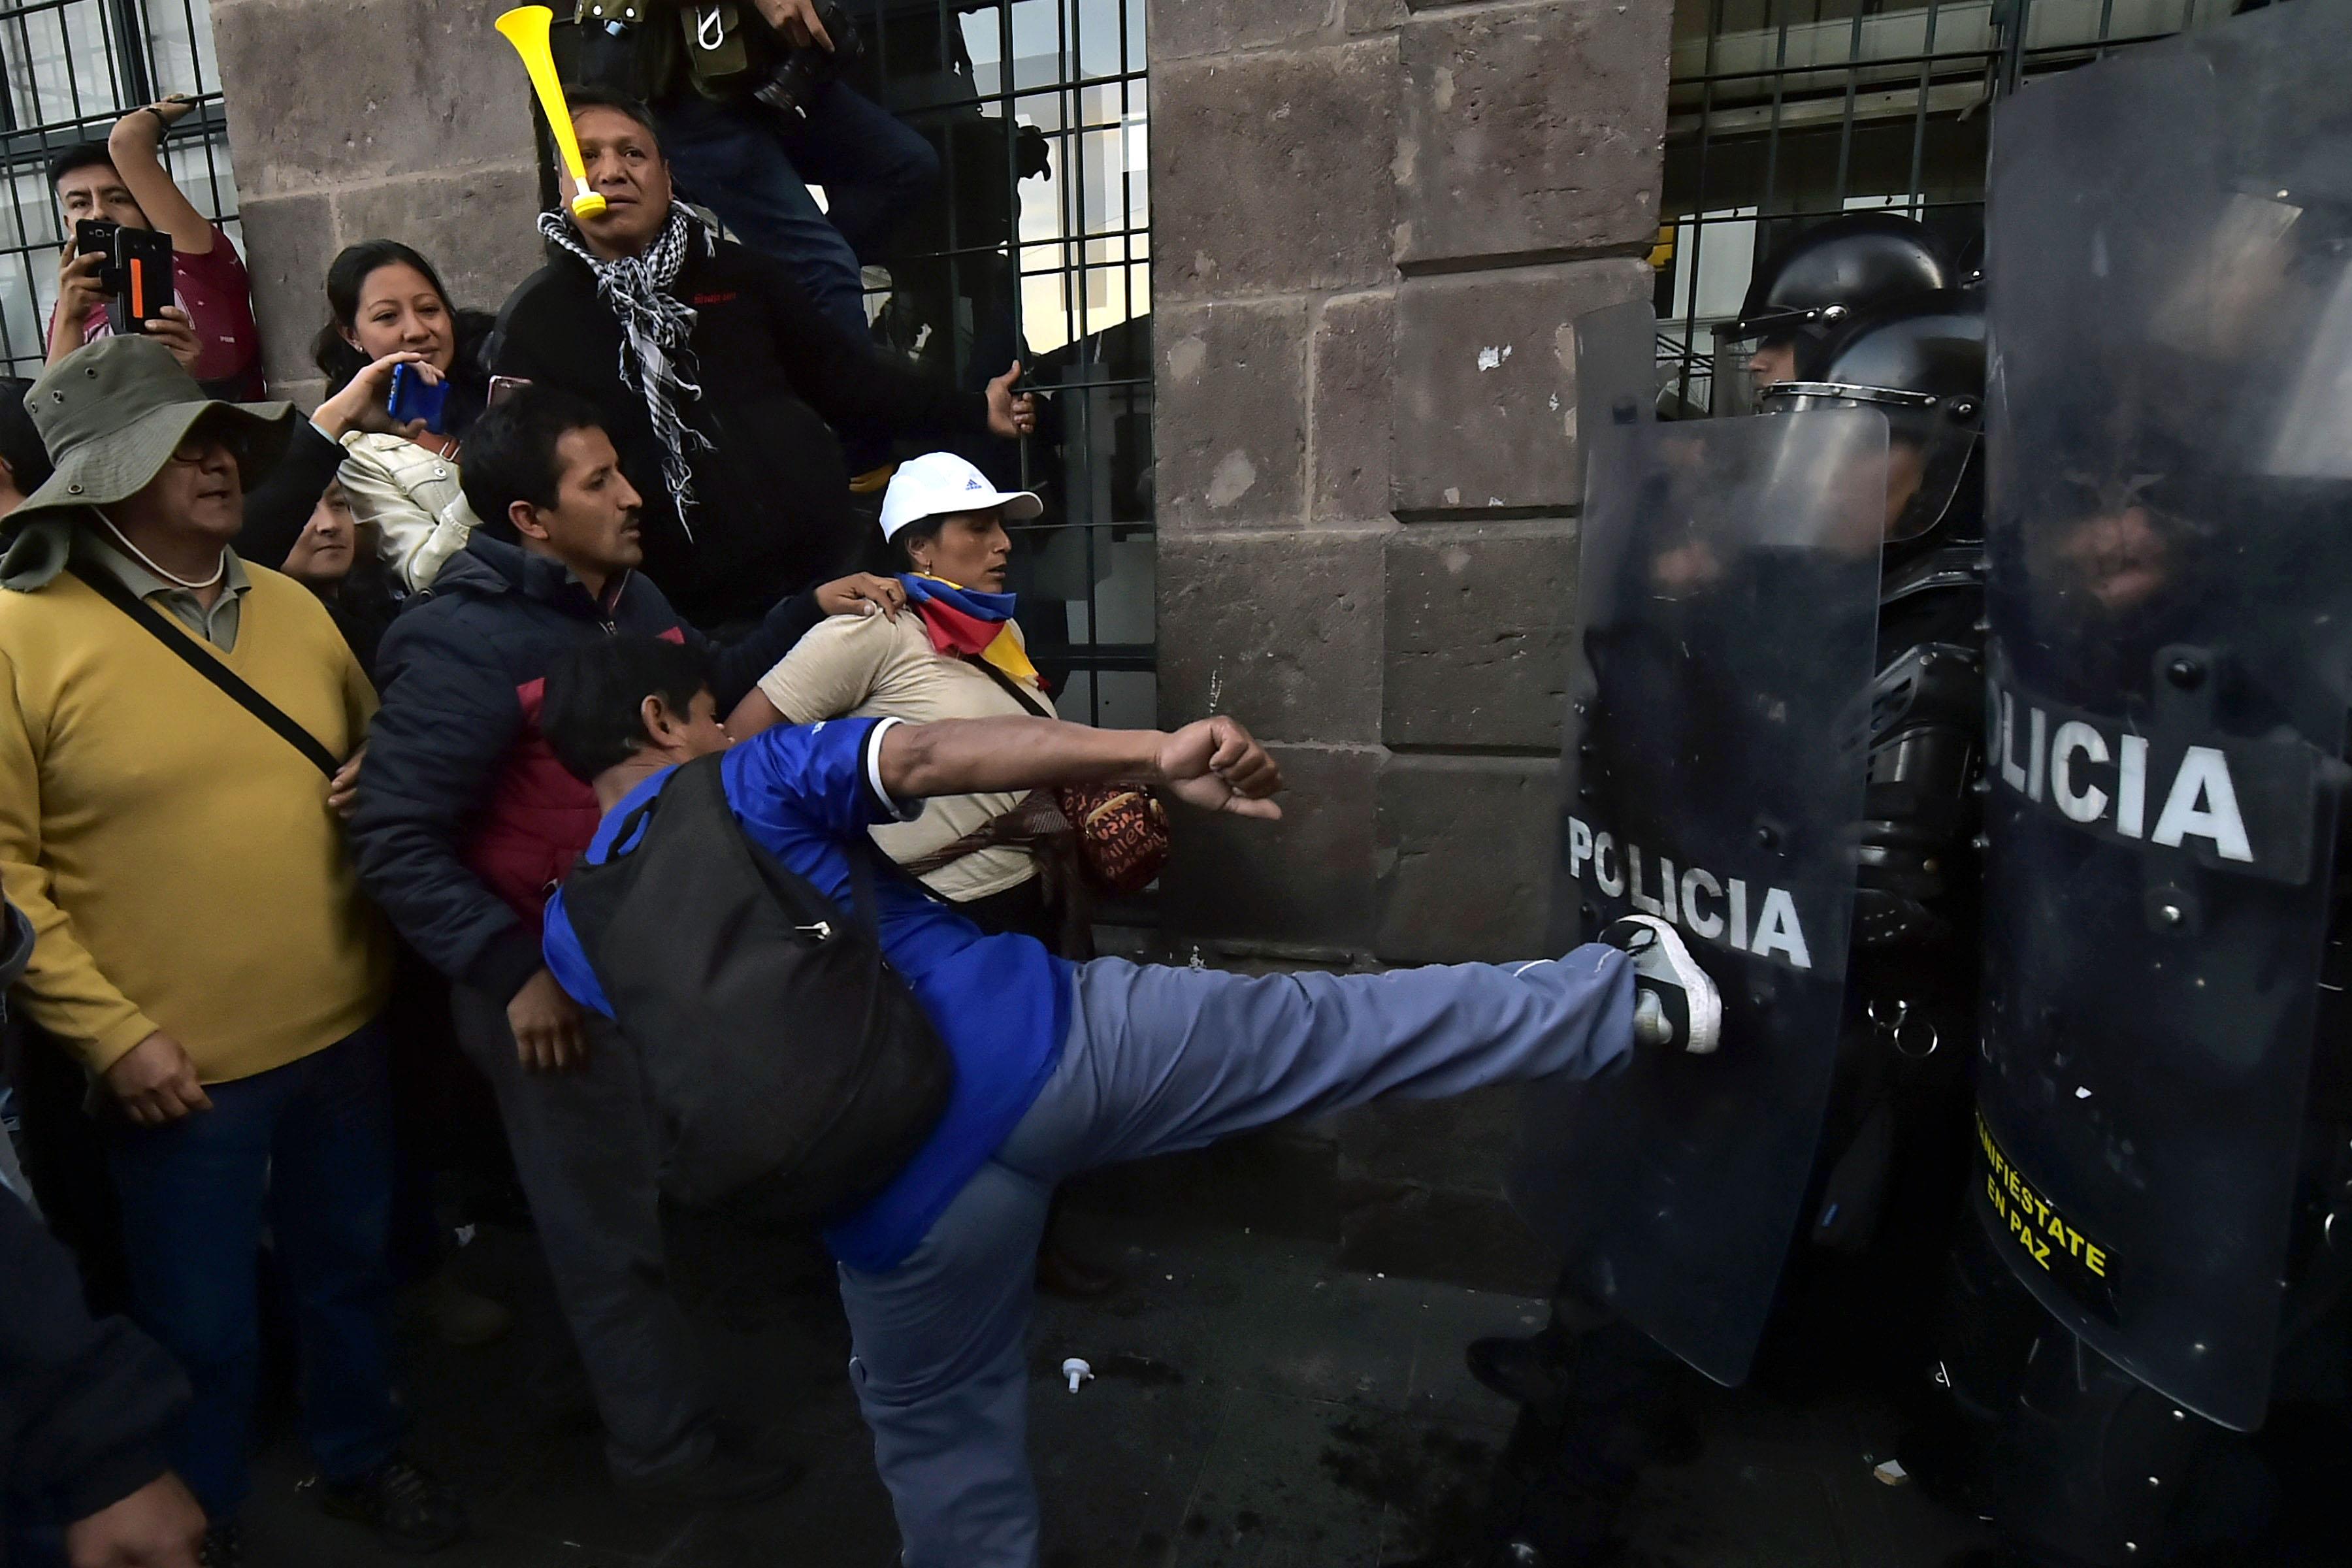 الاعتداء على الشرطة فى الاكوادور